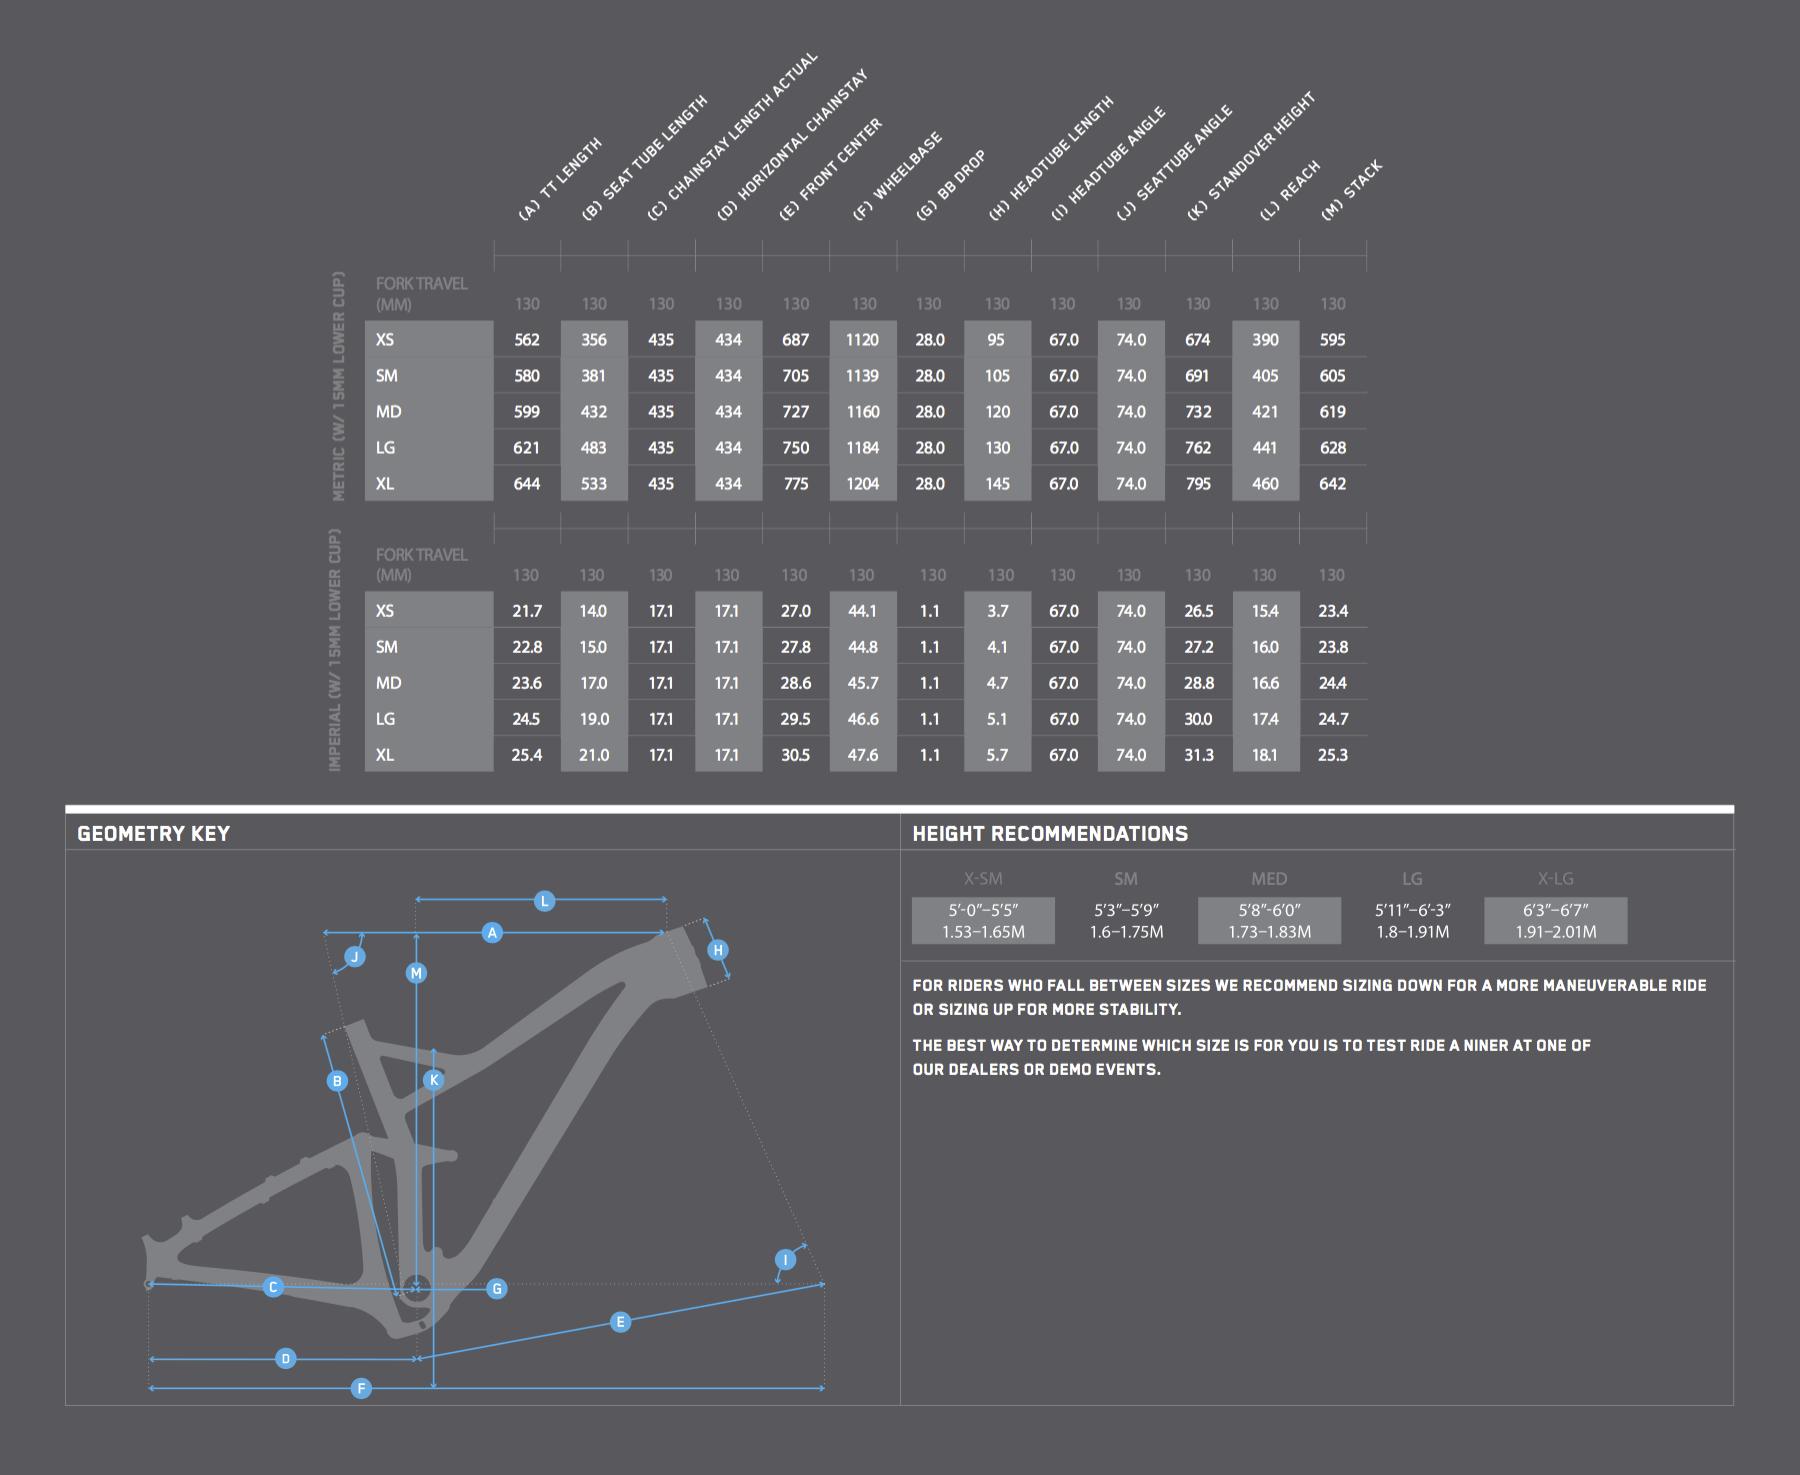 Niner JET 9 RDO geometry chart